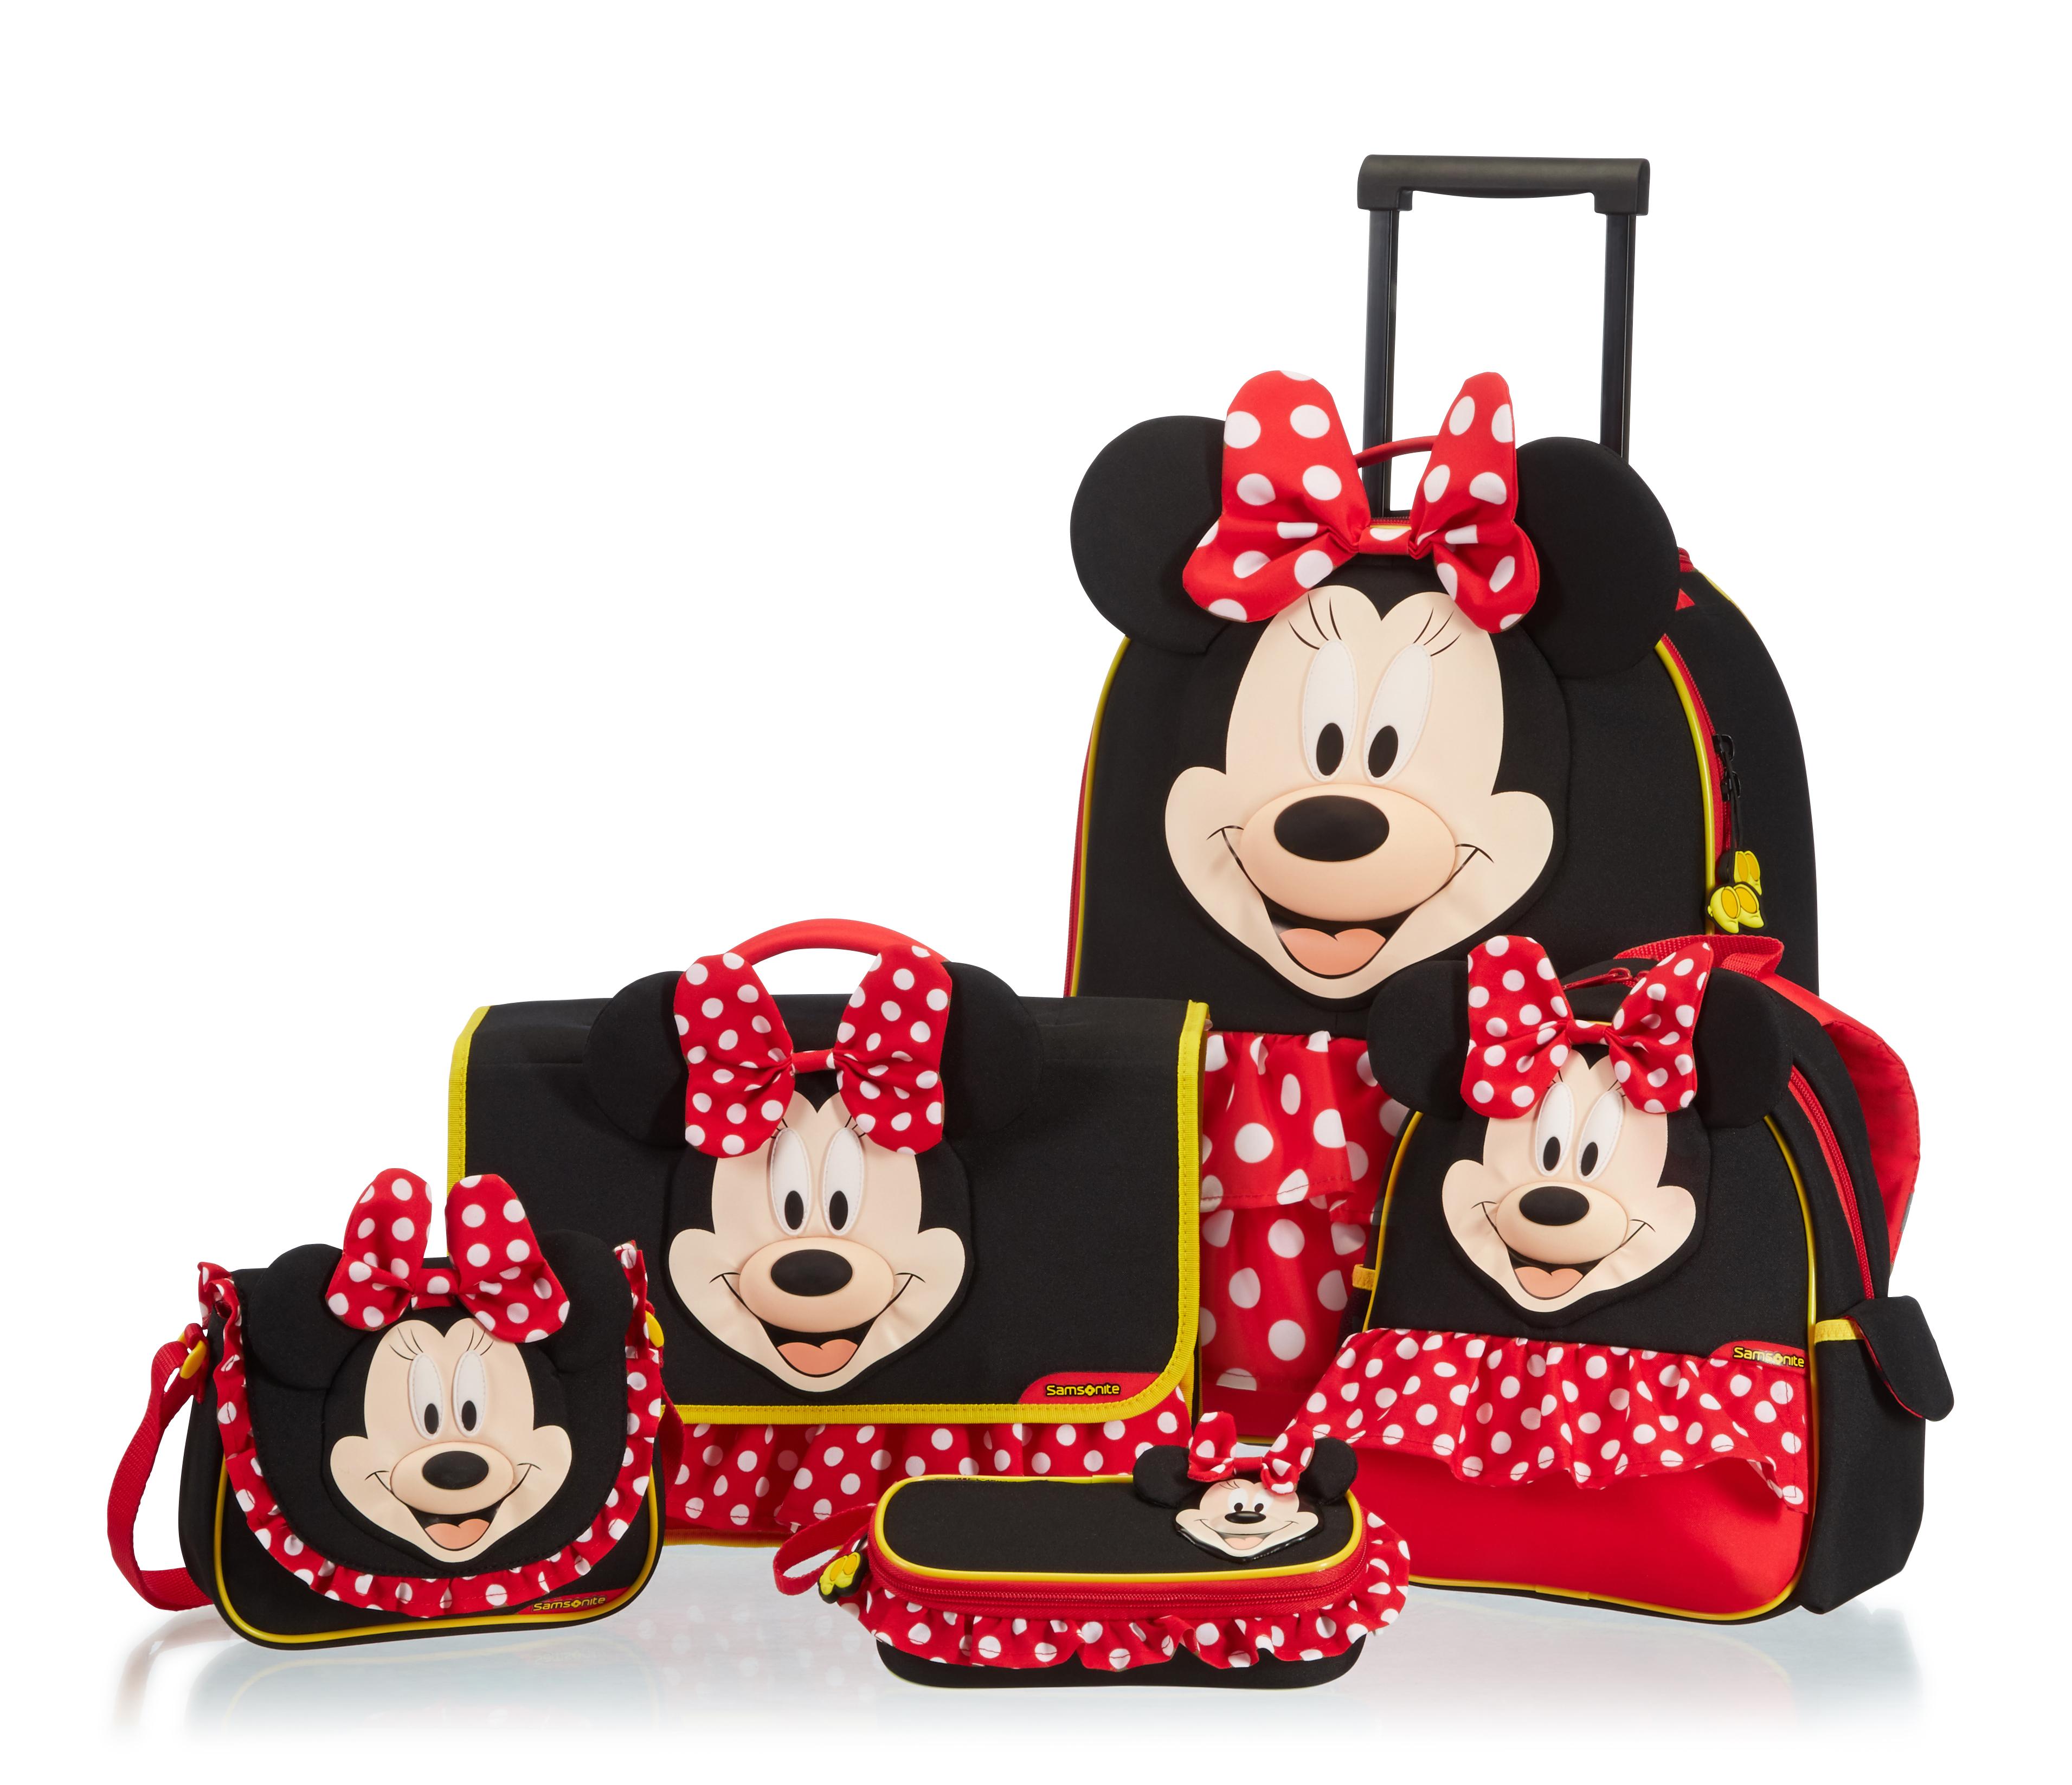 df64d84f5f5 Ο Mickey και η Minnie, οι ήρωες του Disney, είναι έτοιμοι για νέες  περιπέτειες μαζί με τα παιδιά σας από 2 έως 6 ετών. Σακίδια υψηλής  ποιότητας και χωρίς ...